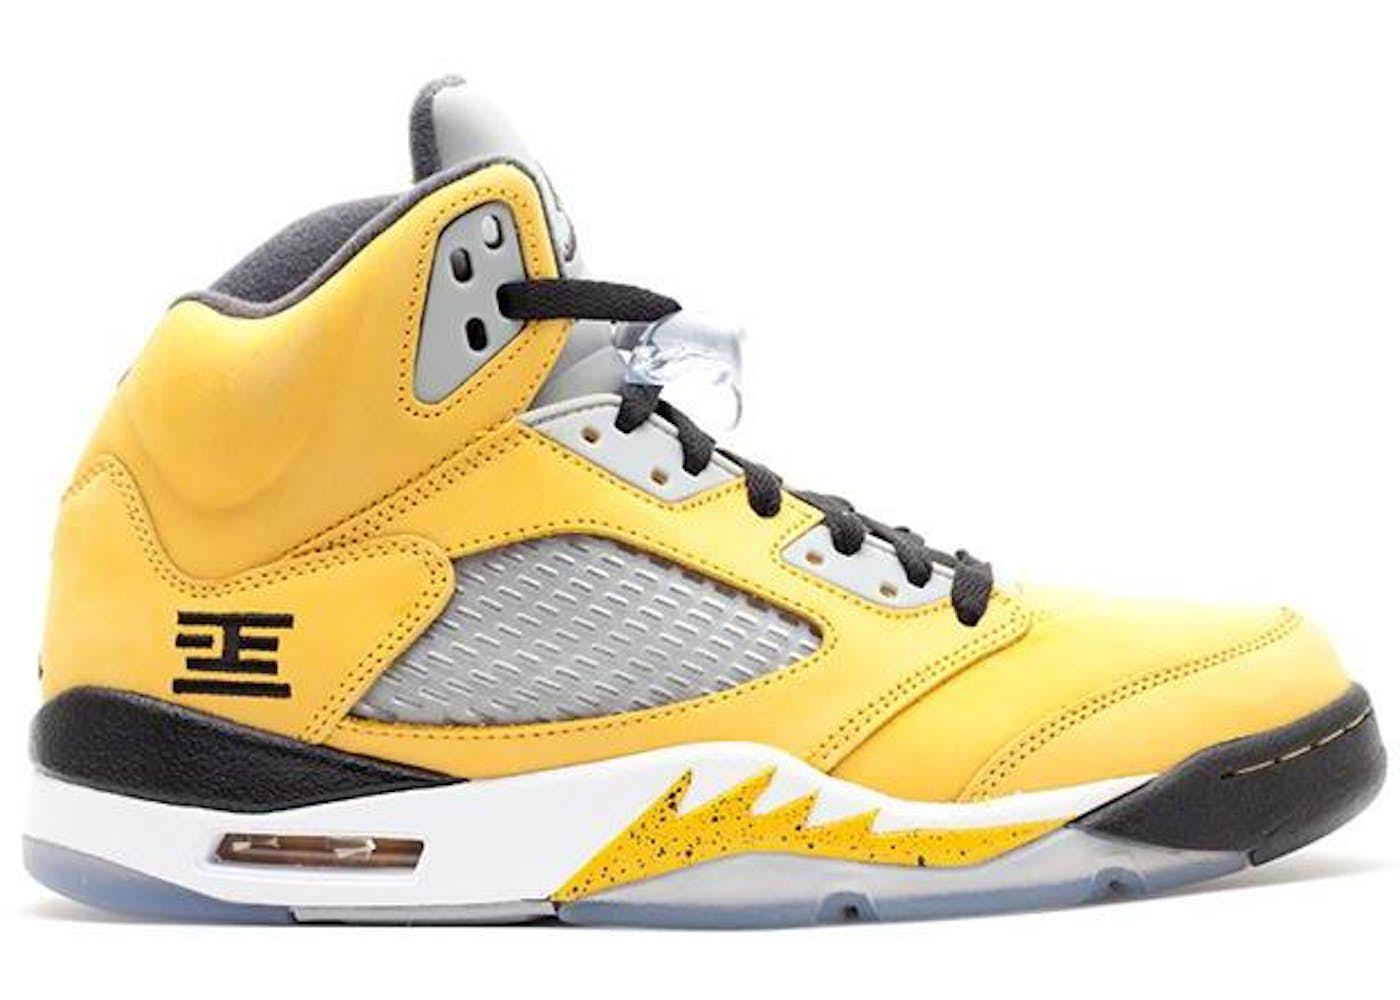 Jordan Retro Golf Shoes For Sale